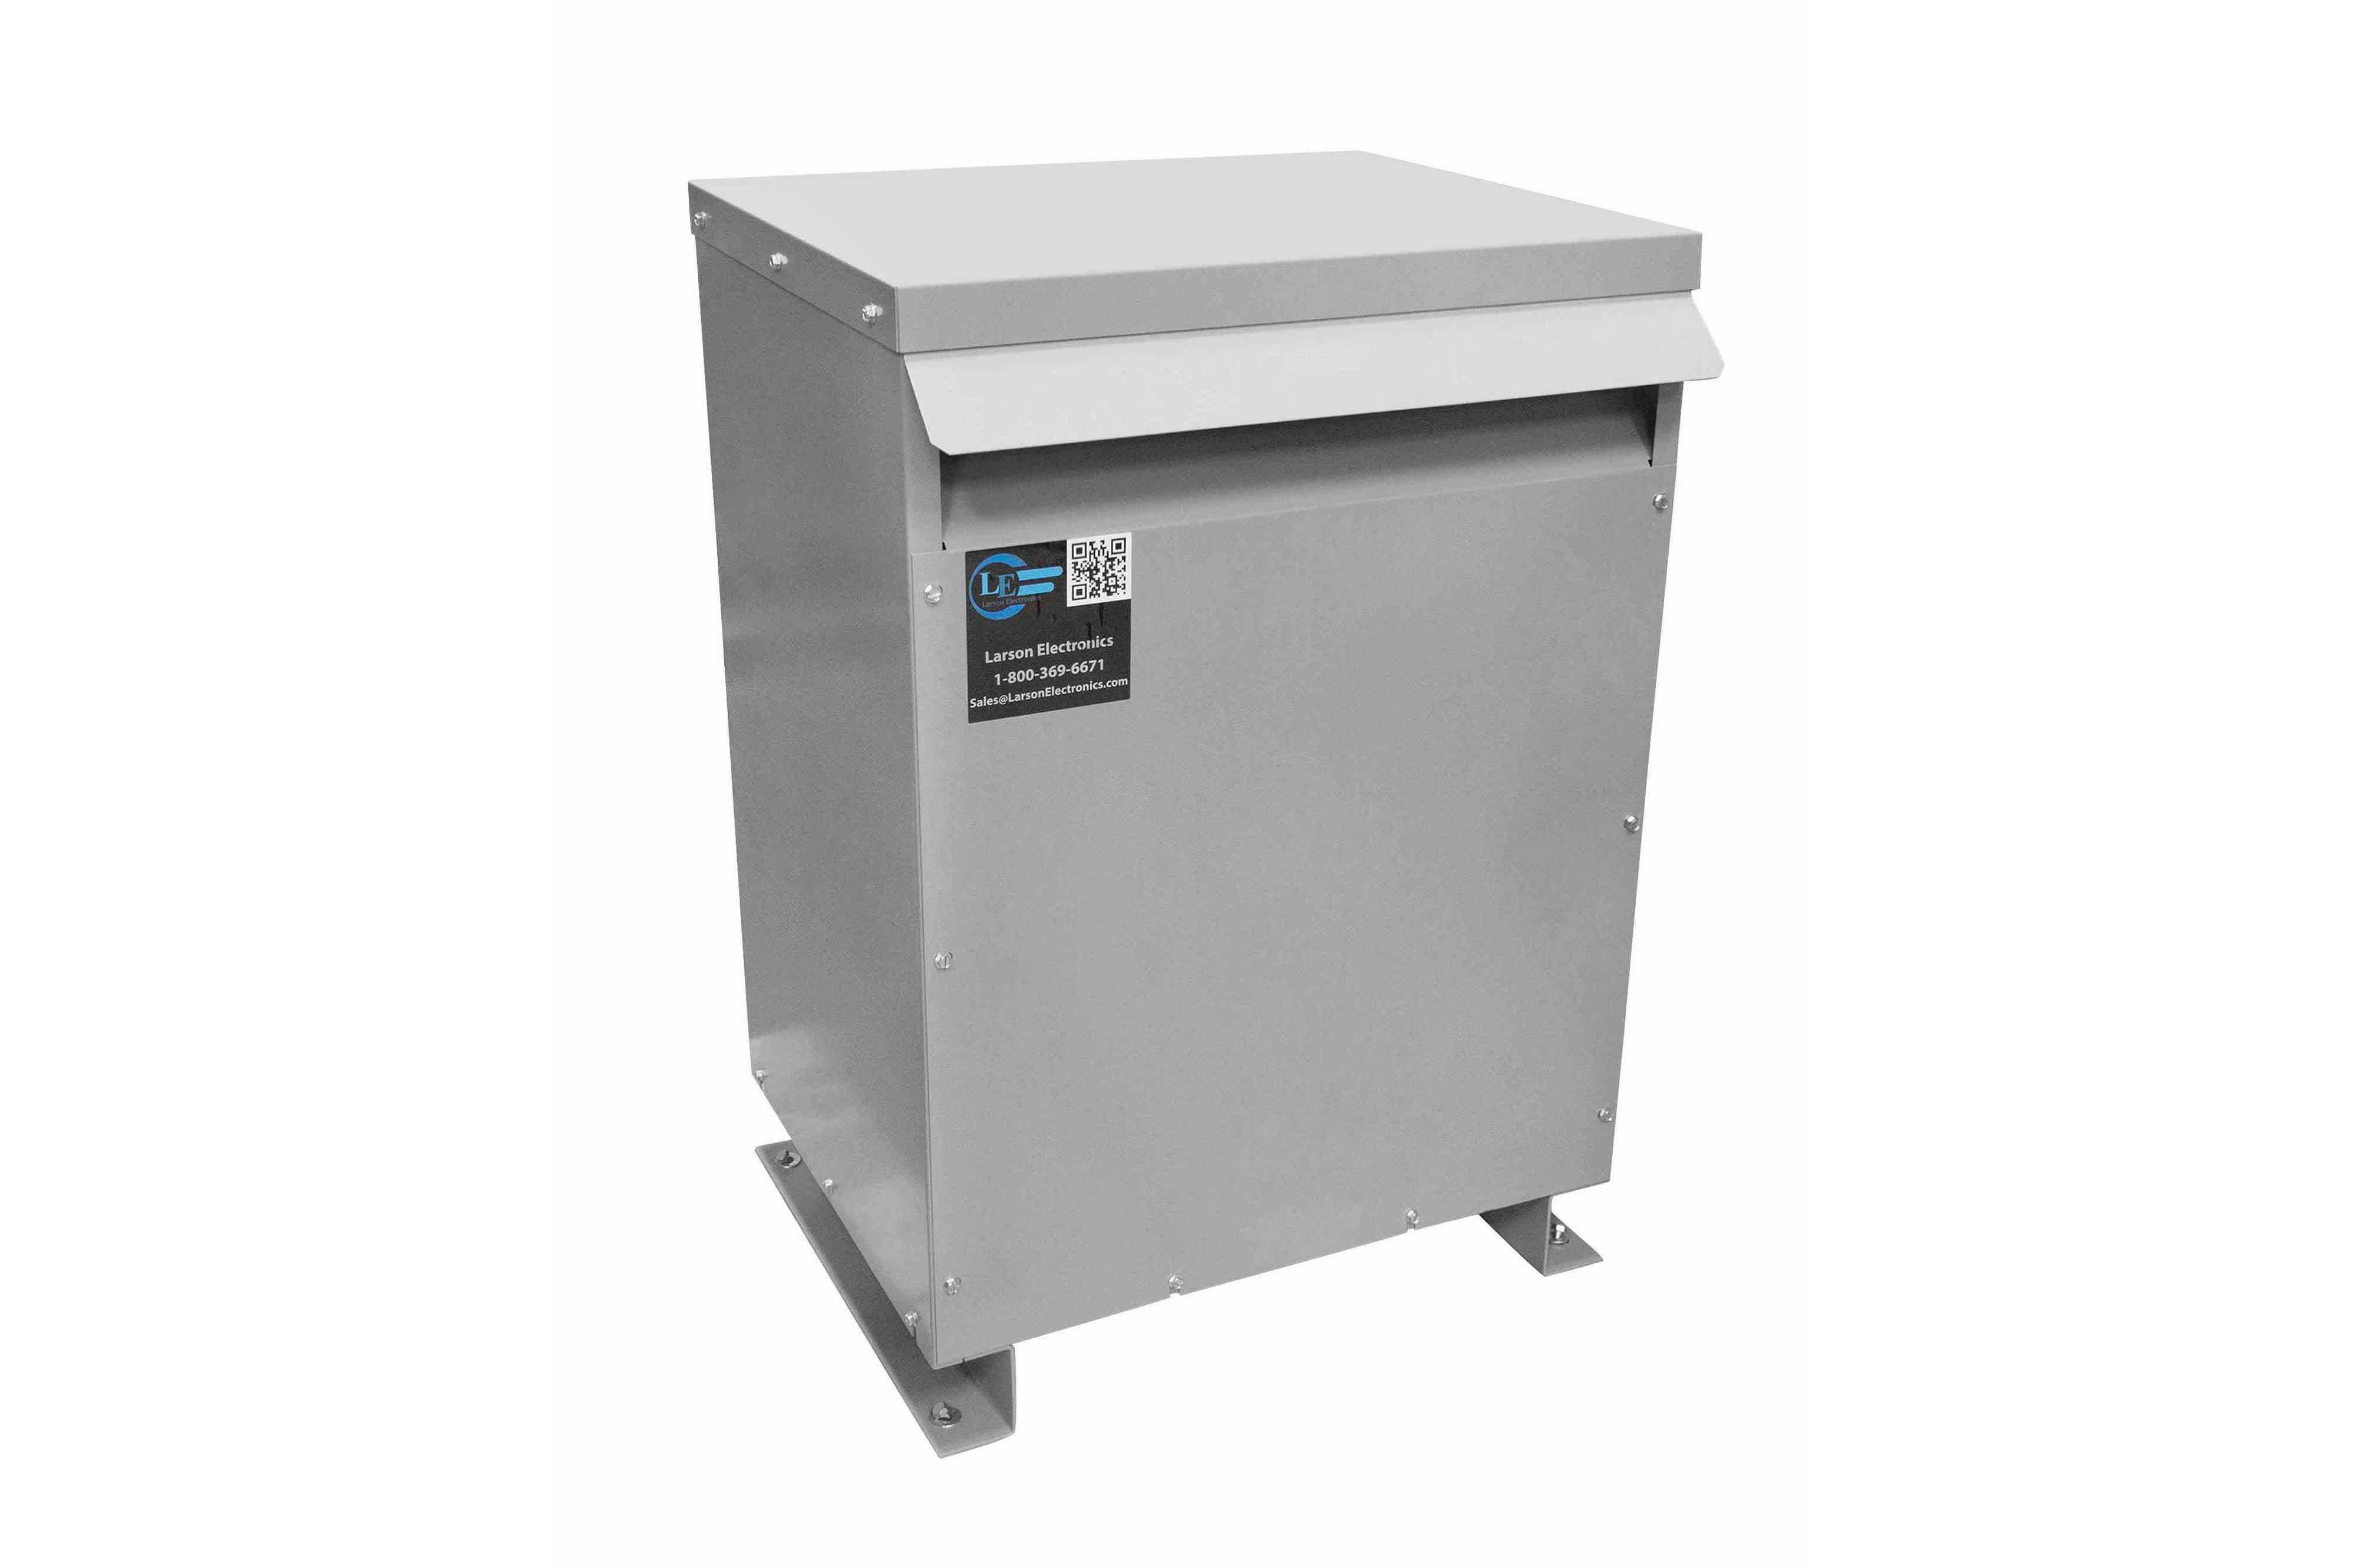 500 kVA 3PH DOE Transformer, 400V Delta Primary, 240V/120 Delta Secondary, N3R, Ventilated, 60 Hz